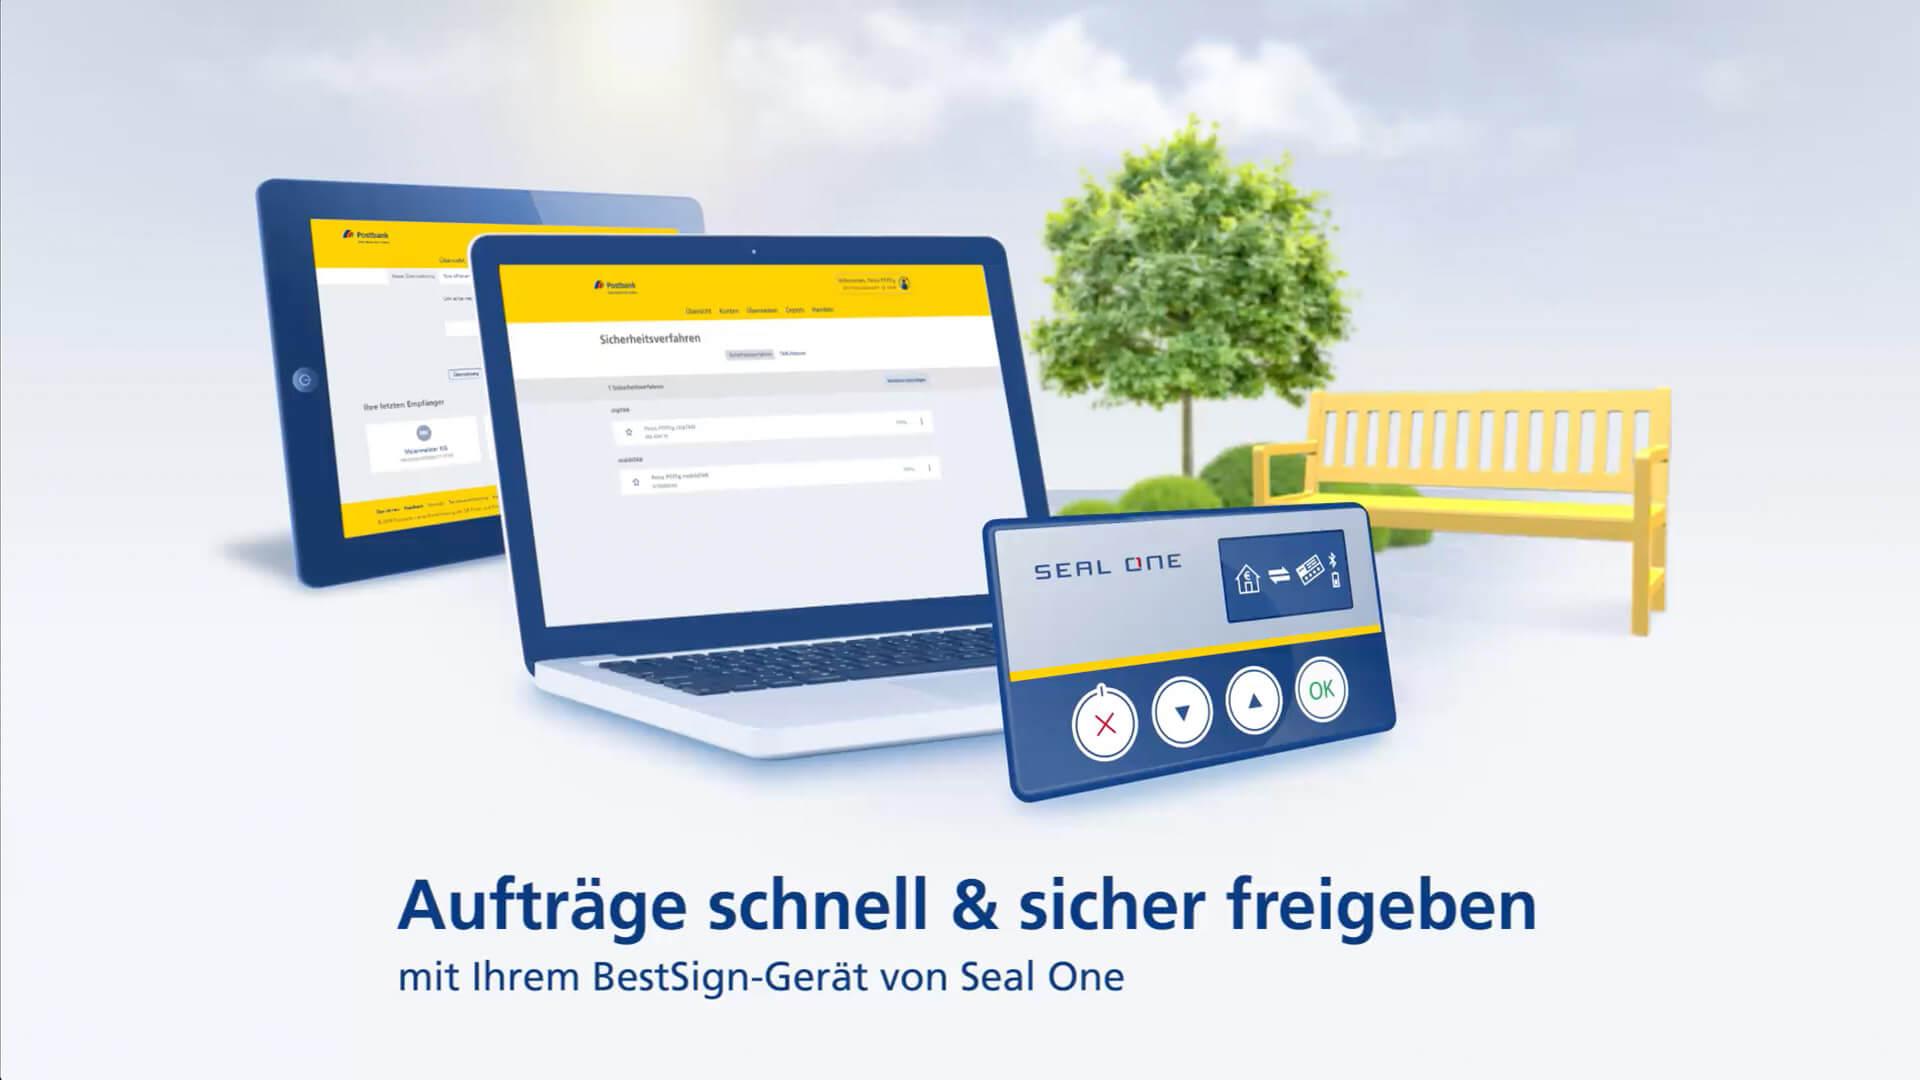 postbank-themenwelten-bestsign-geraete-schnell-erklaert-video-1920x1080.jpg